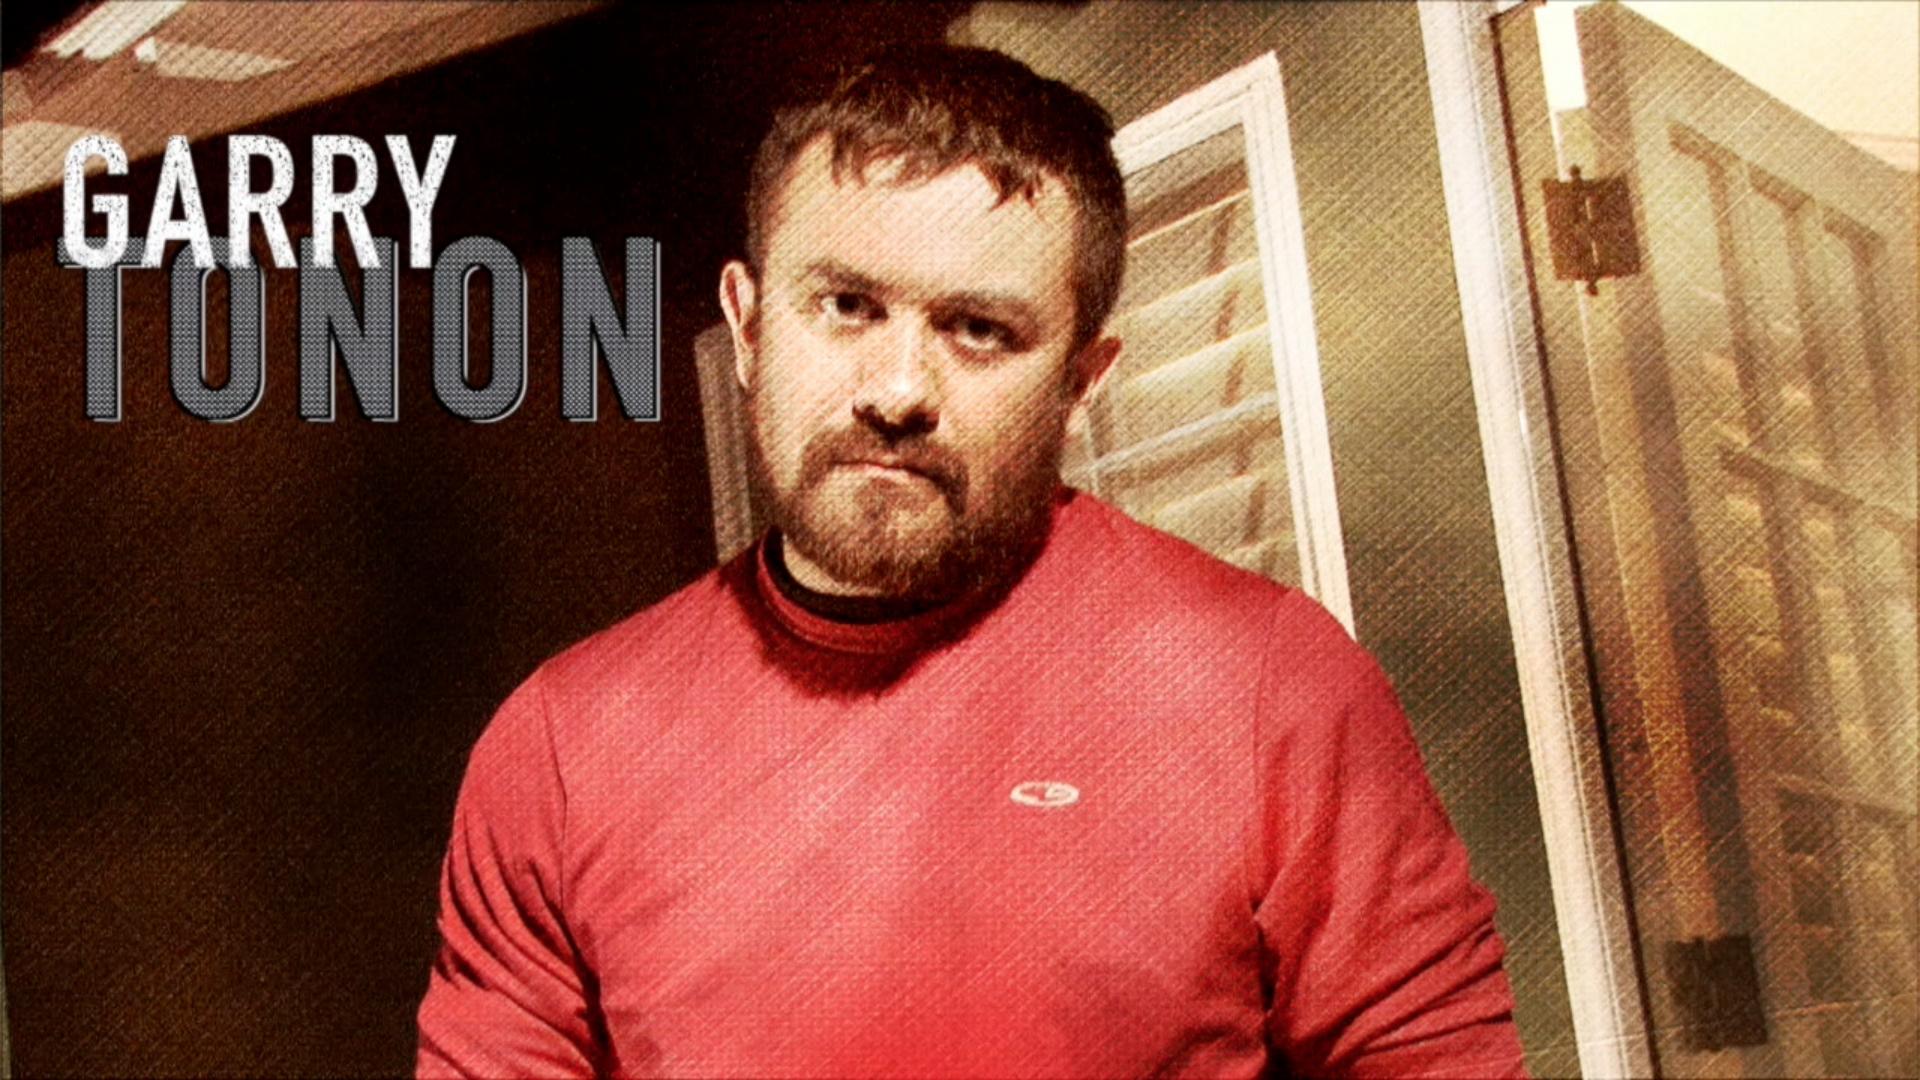 Garry Tonon